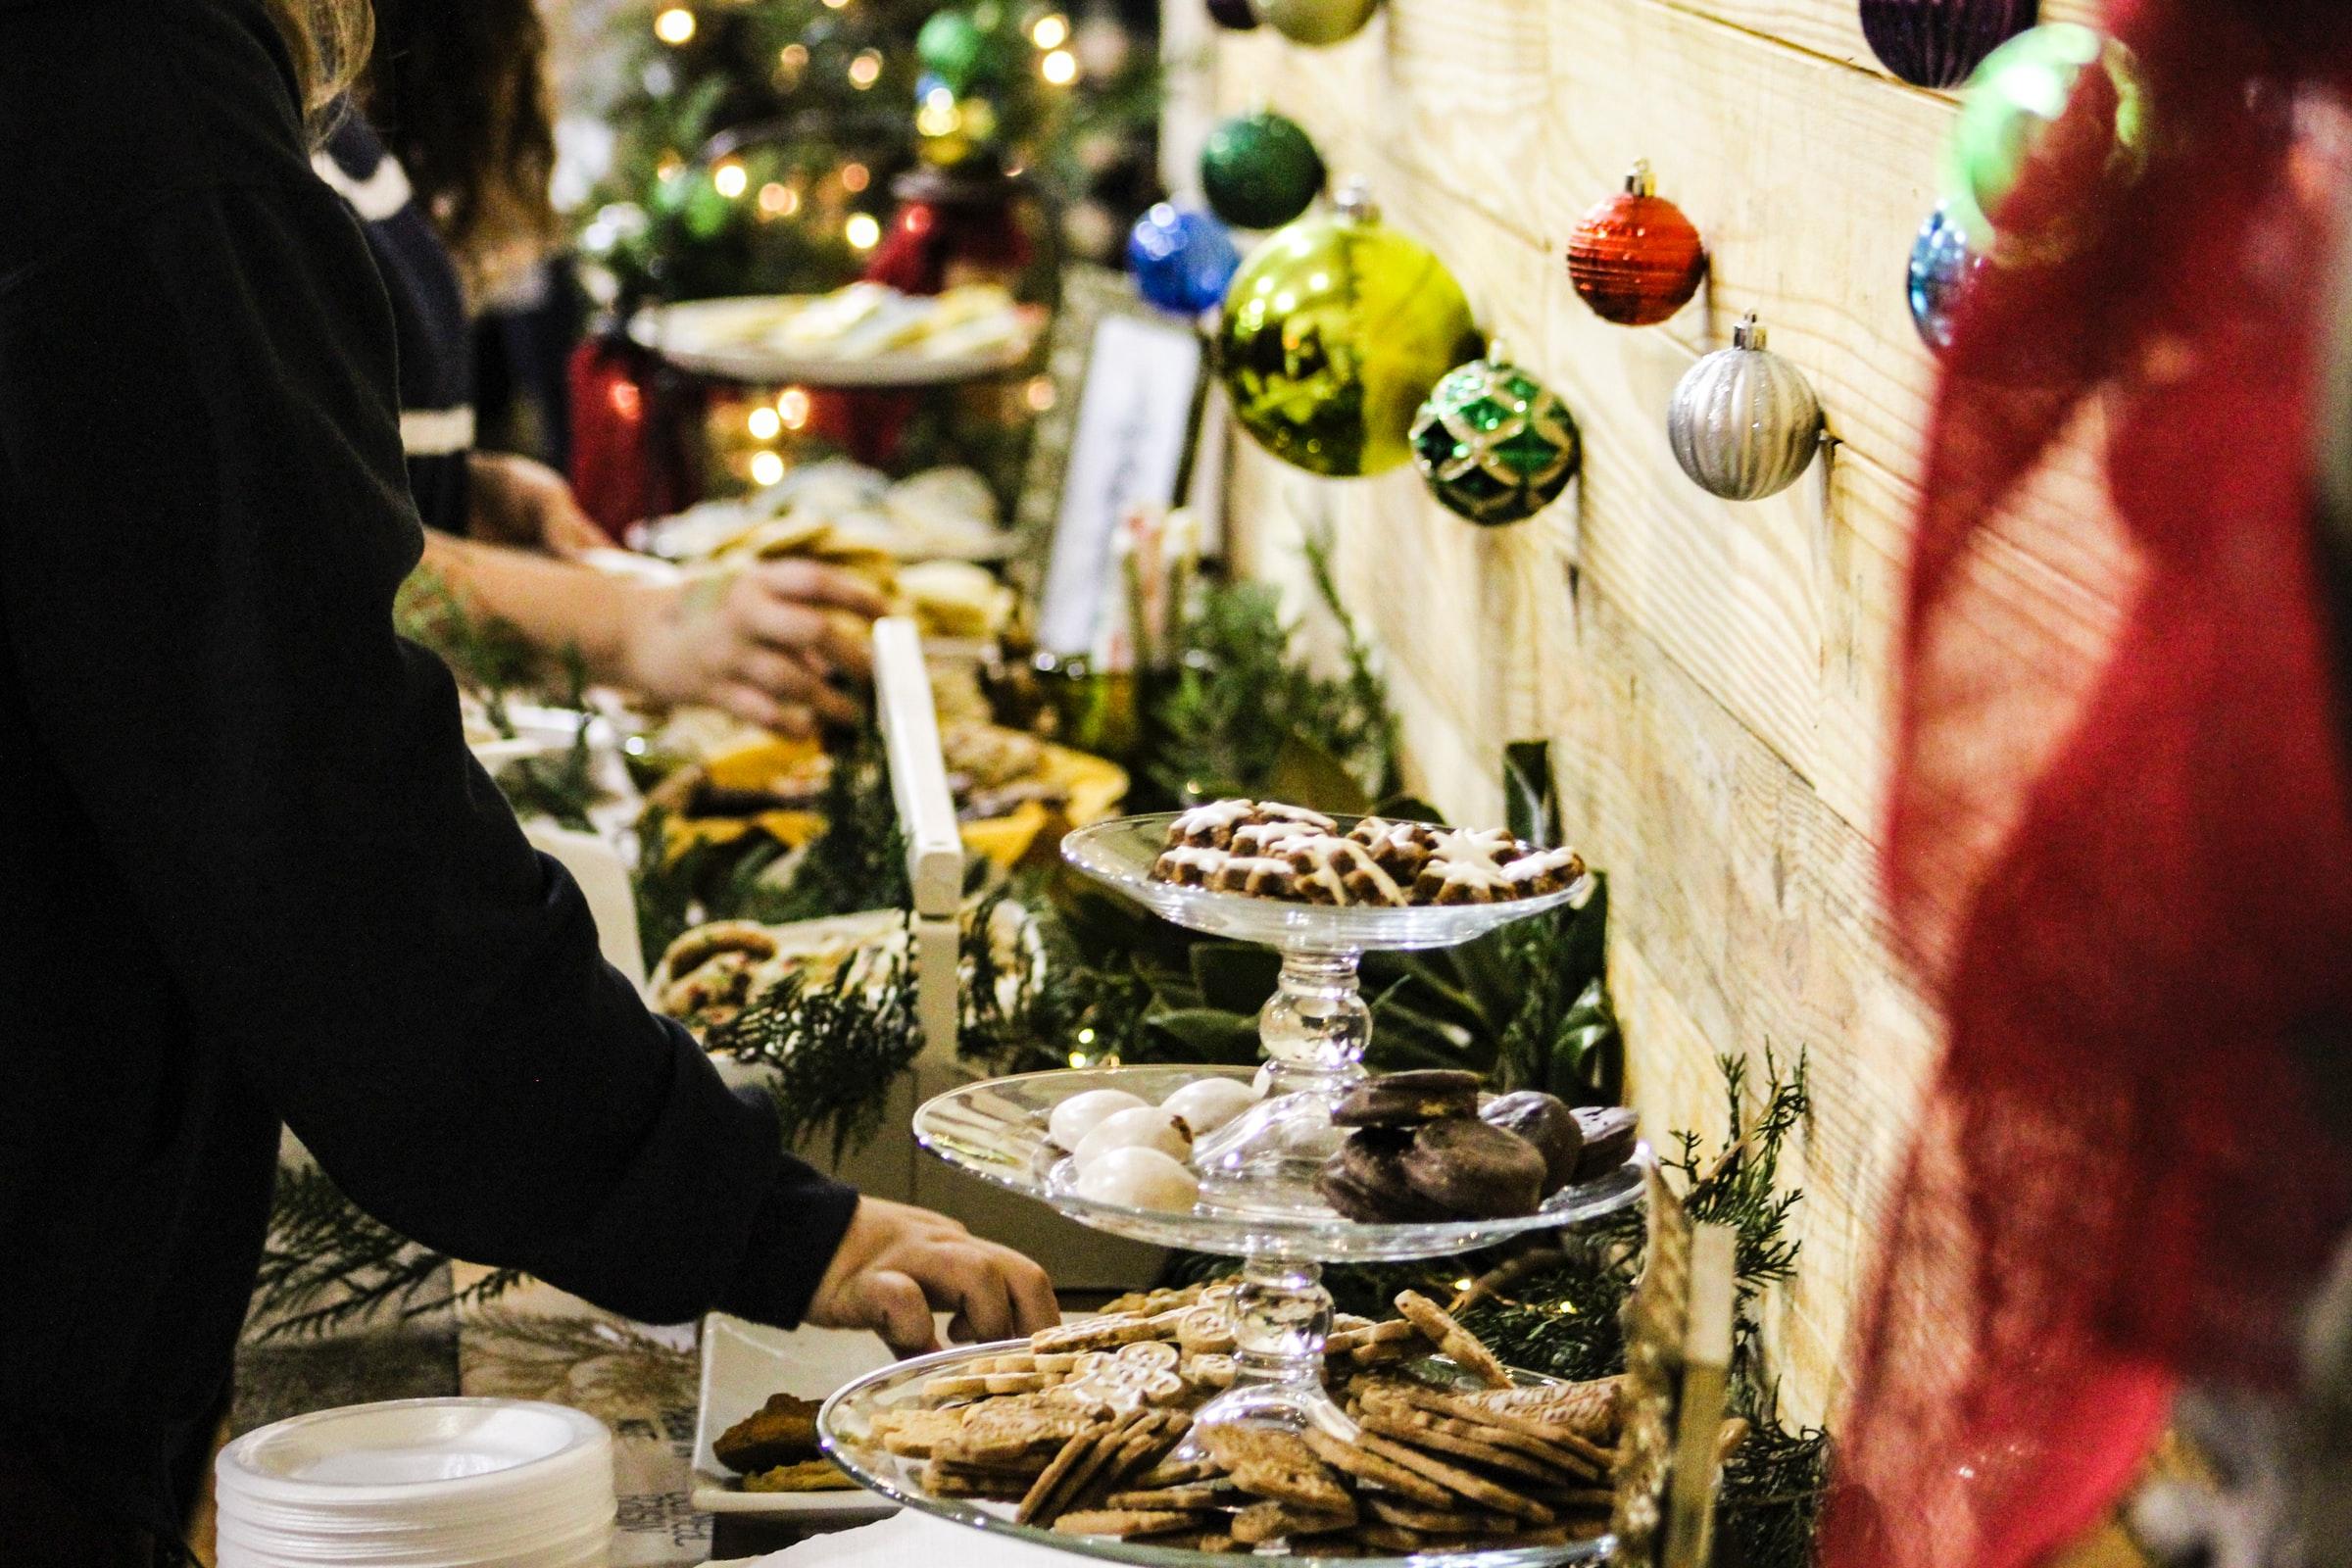 Julebord i Buskerud